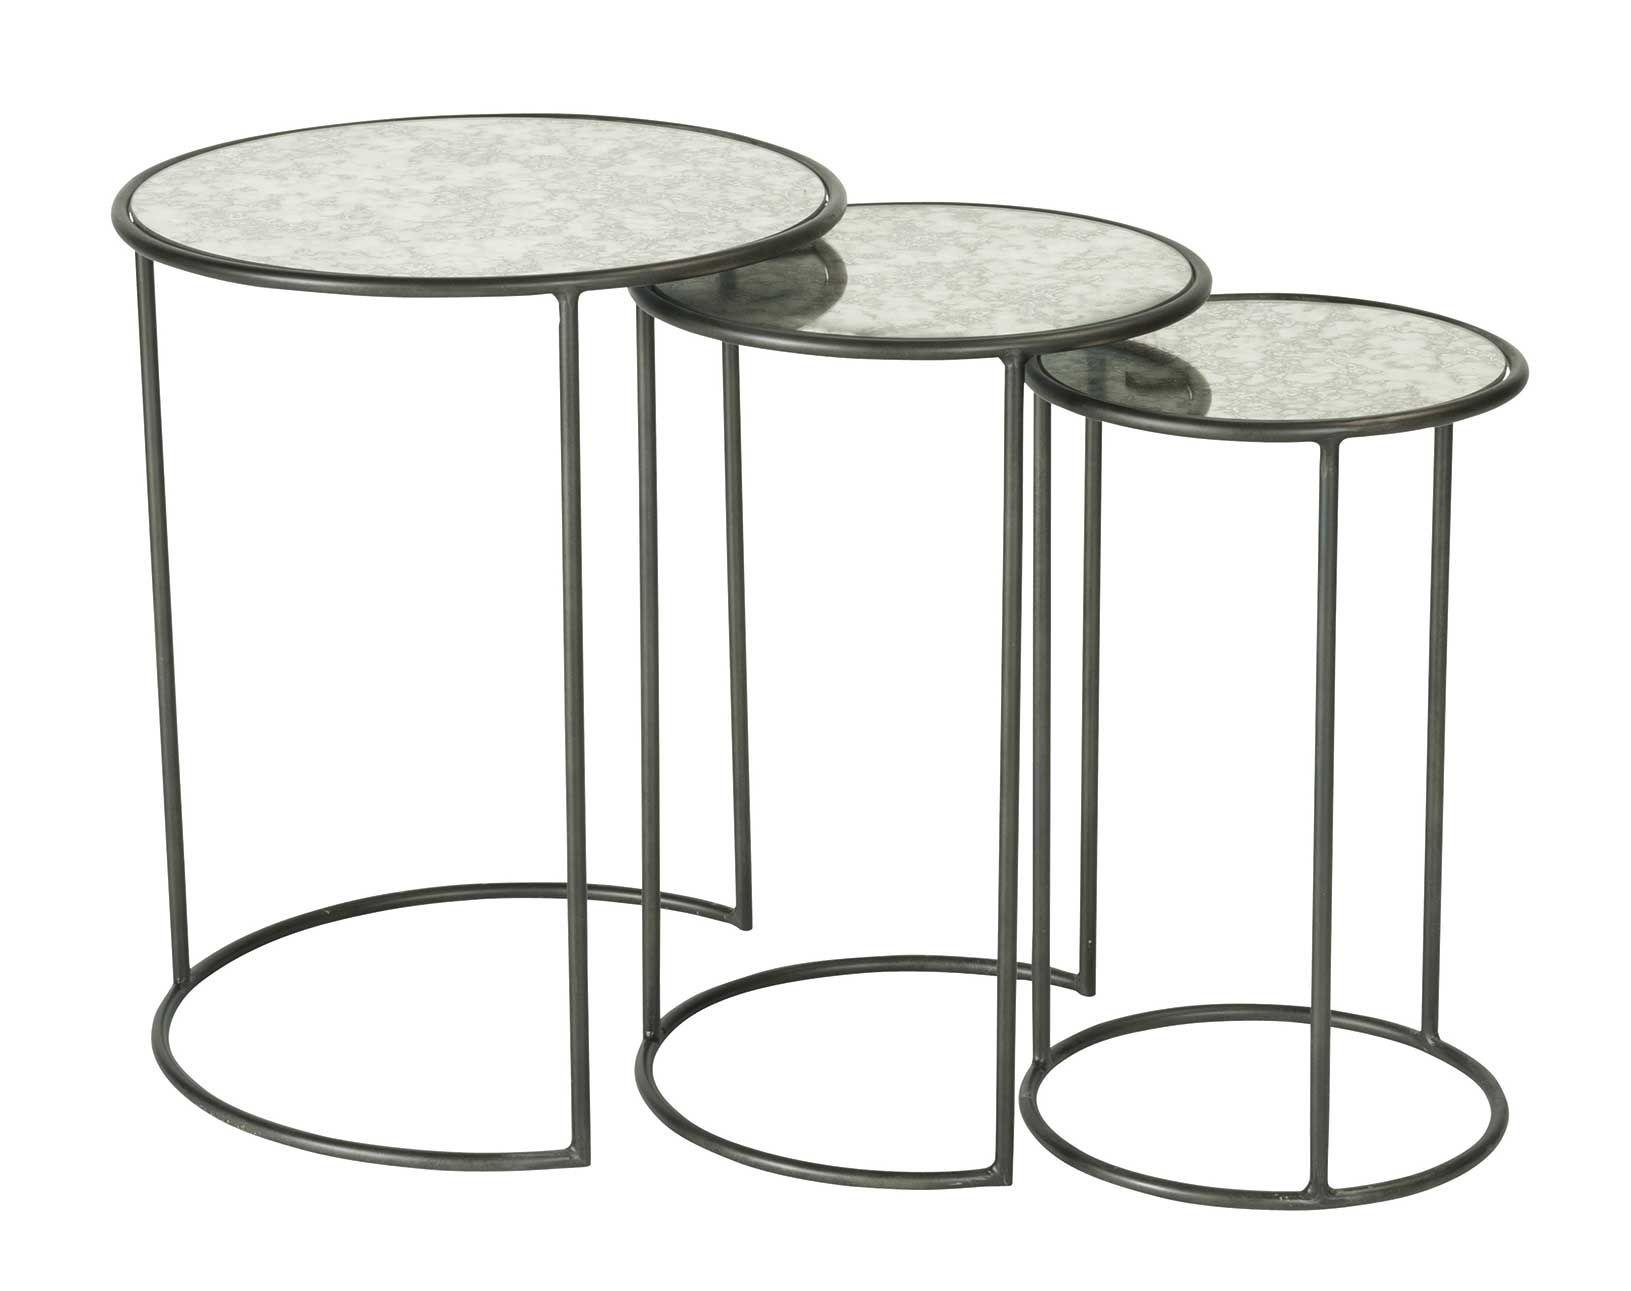 b939558e41cc7cdd49eecf706bd4c612 Impressionnant De Pieds Pour Table Basse Concept